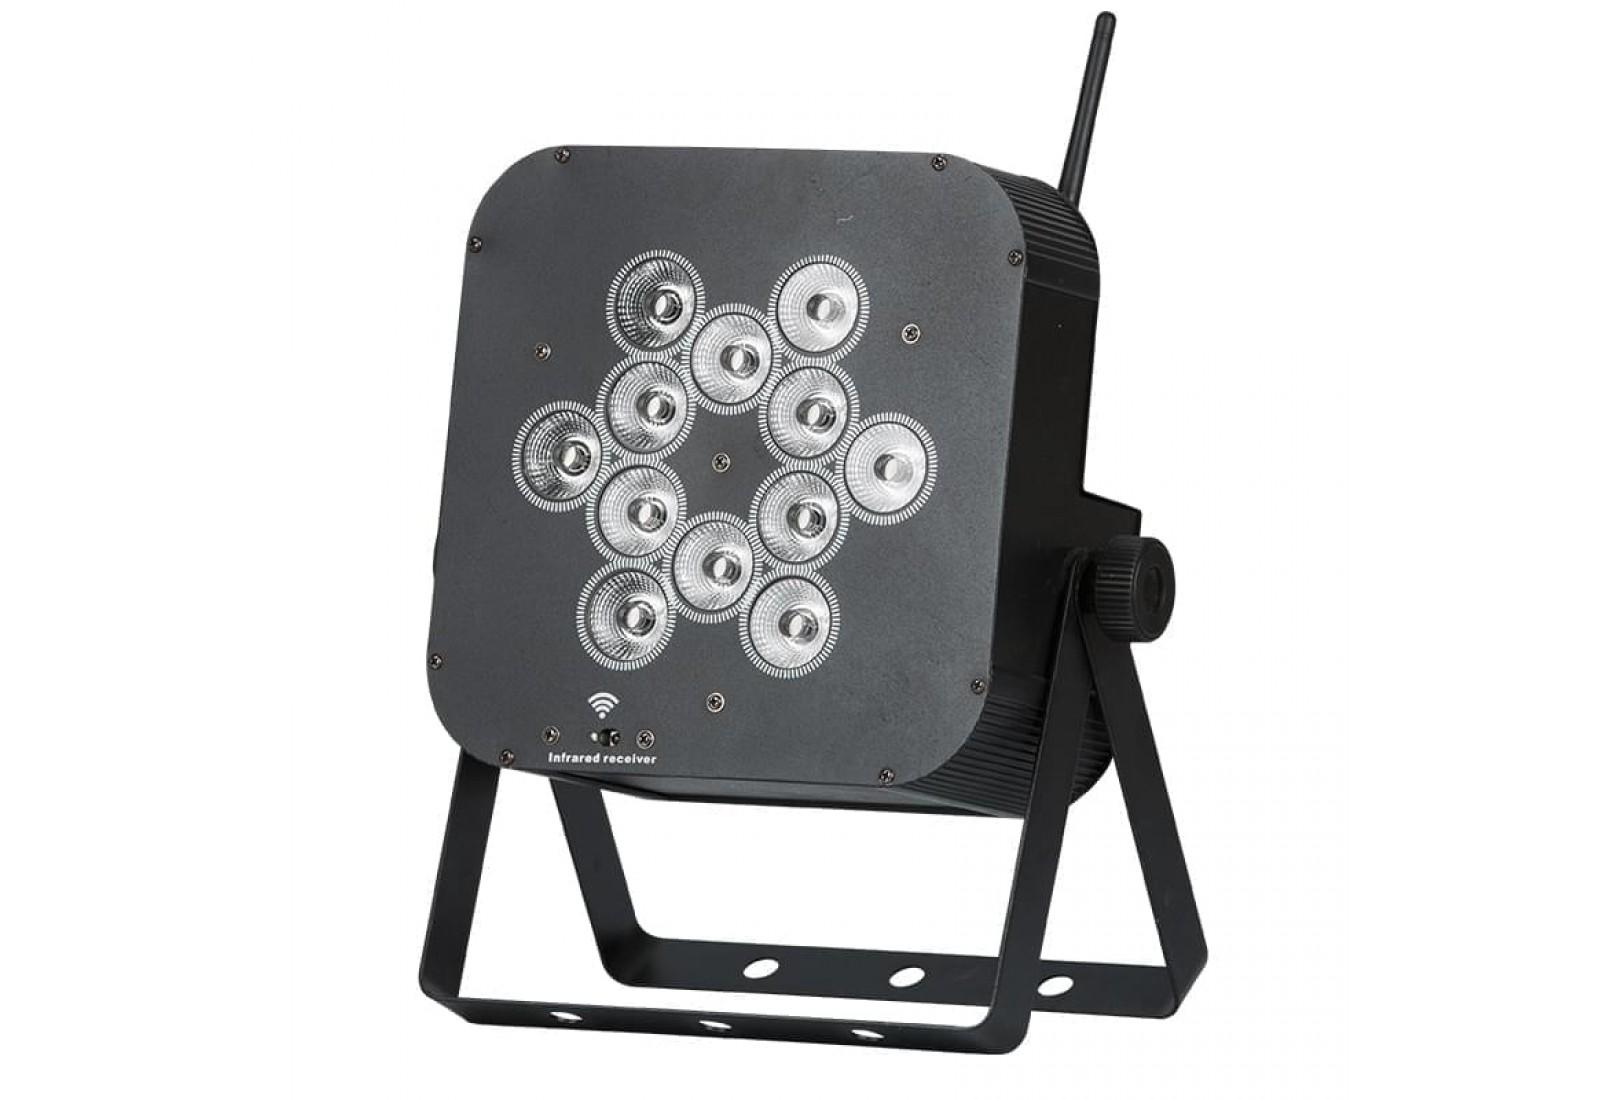 KZ-LED12 RGBW Par